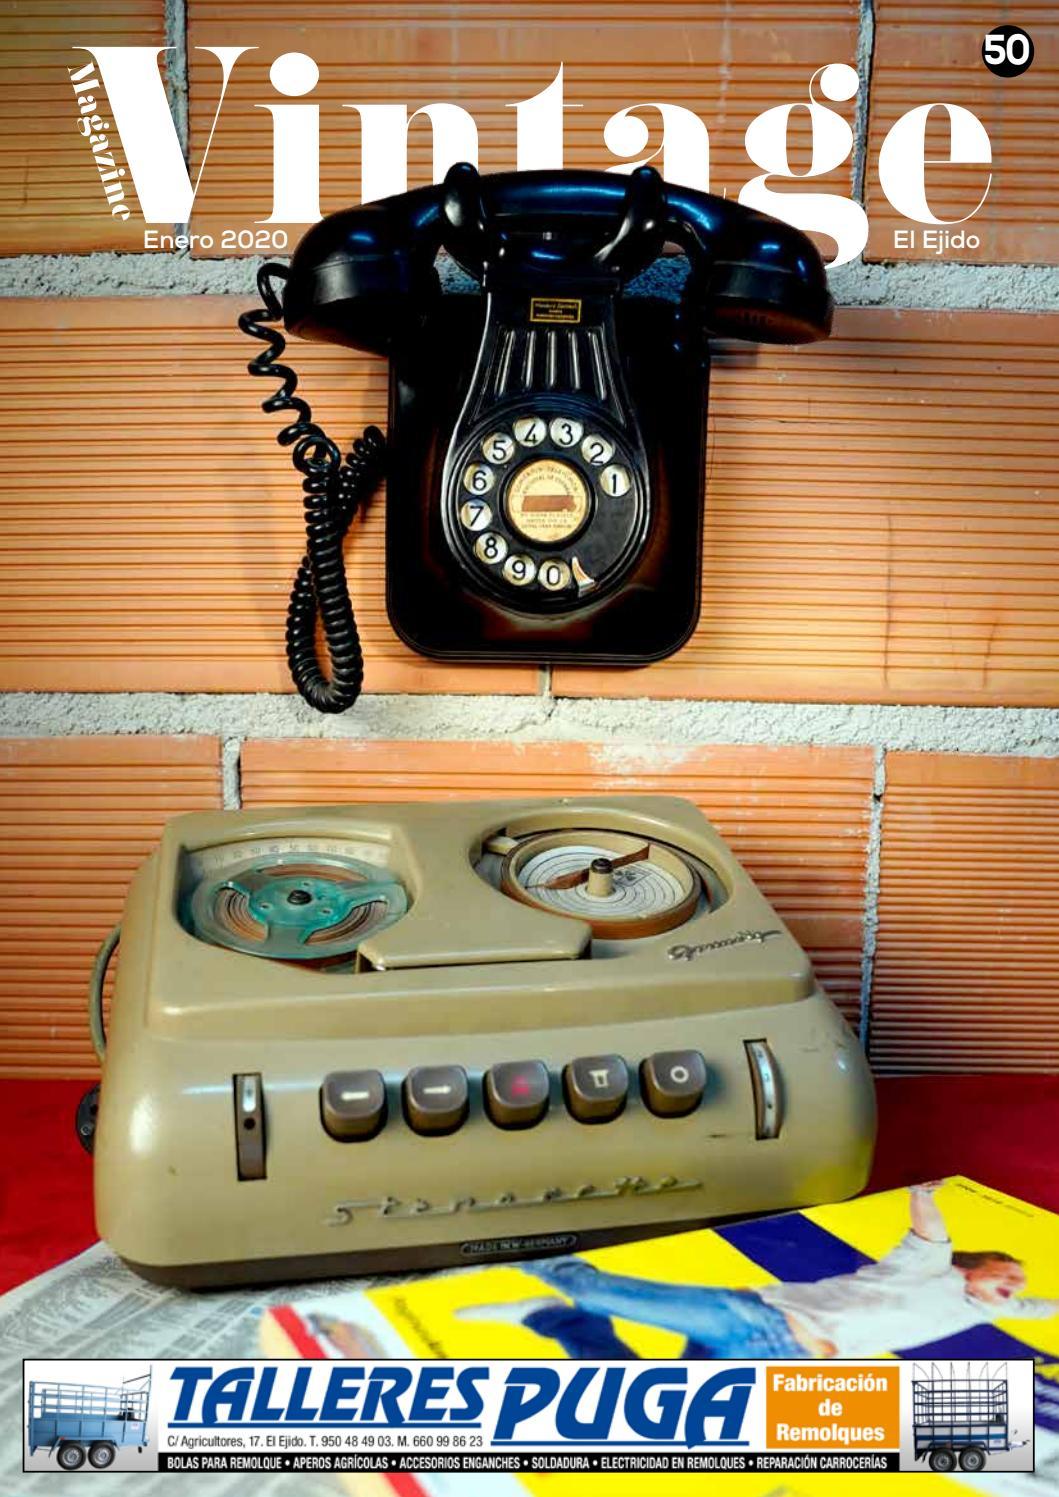 Meccano Coche de juguete y Caja Vintage Antiguo veces escena letrero de metal Decoración del hogar